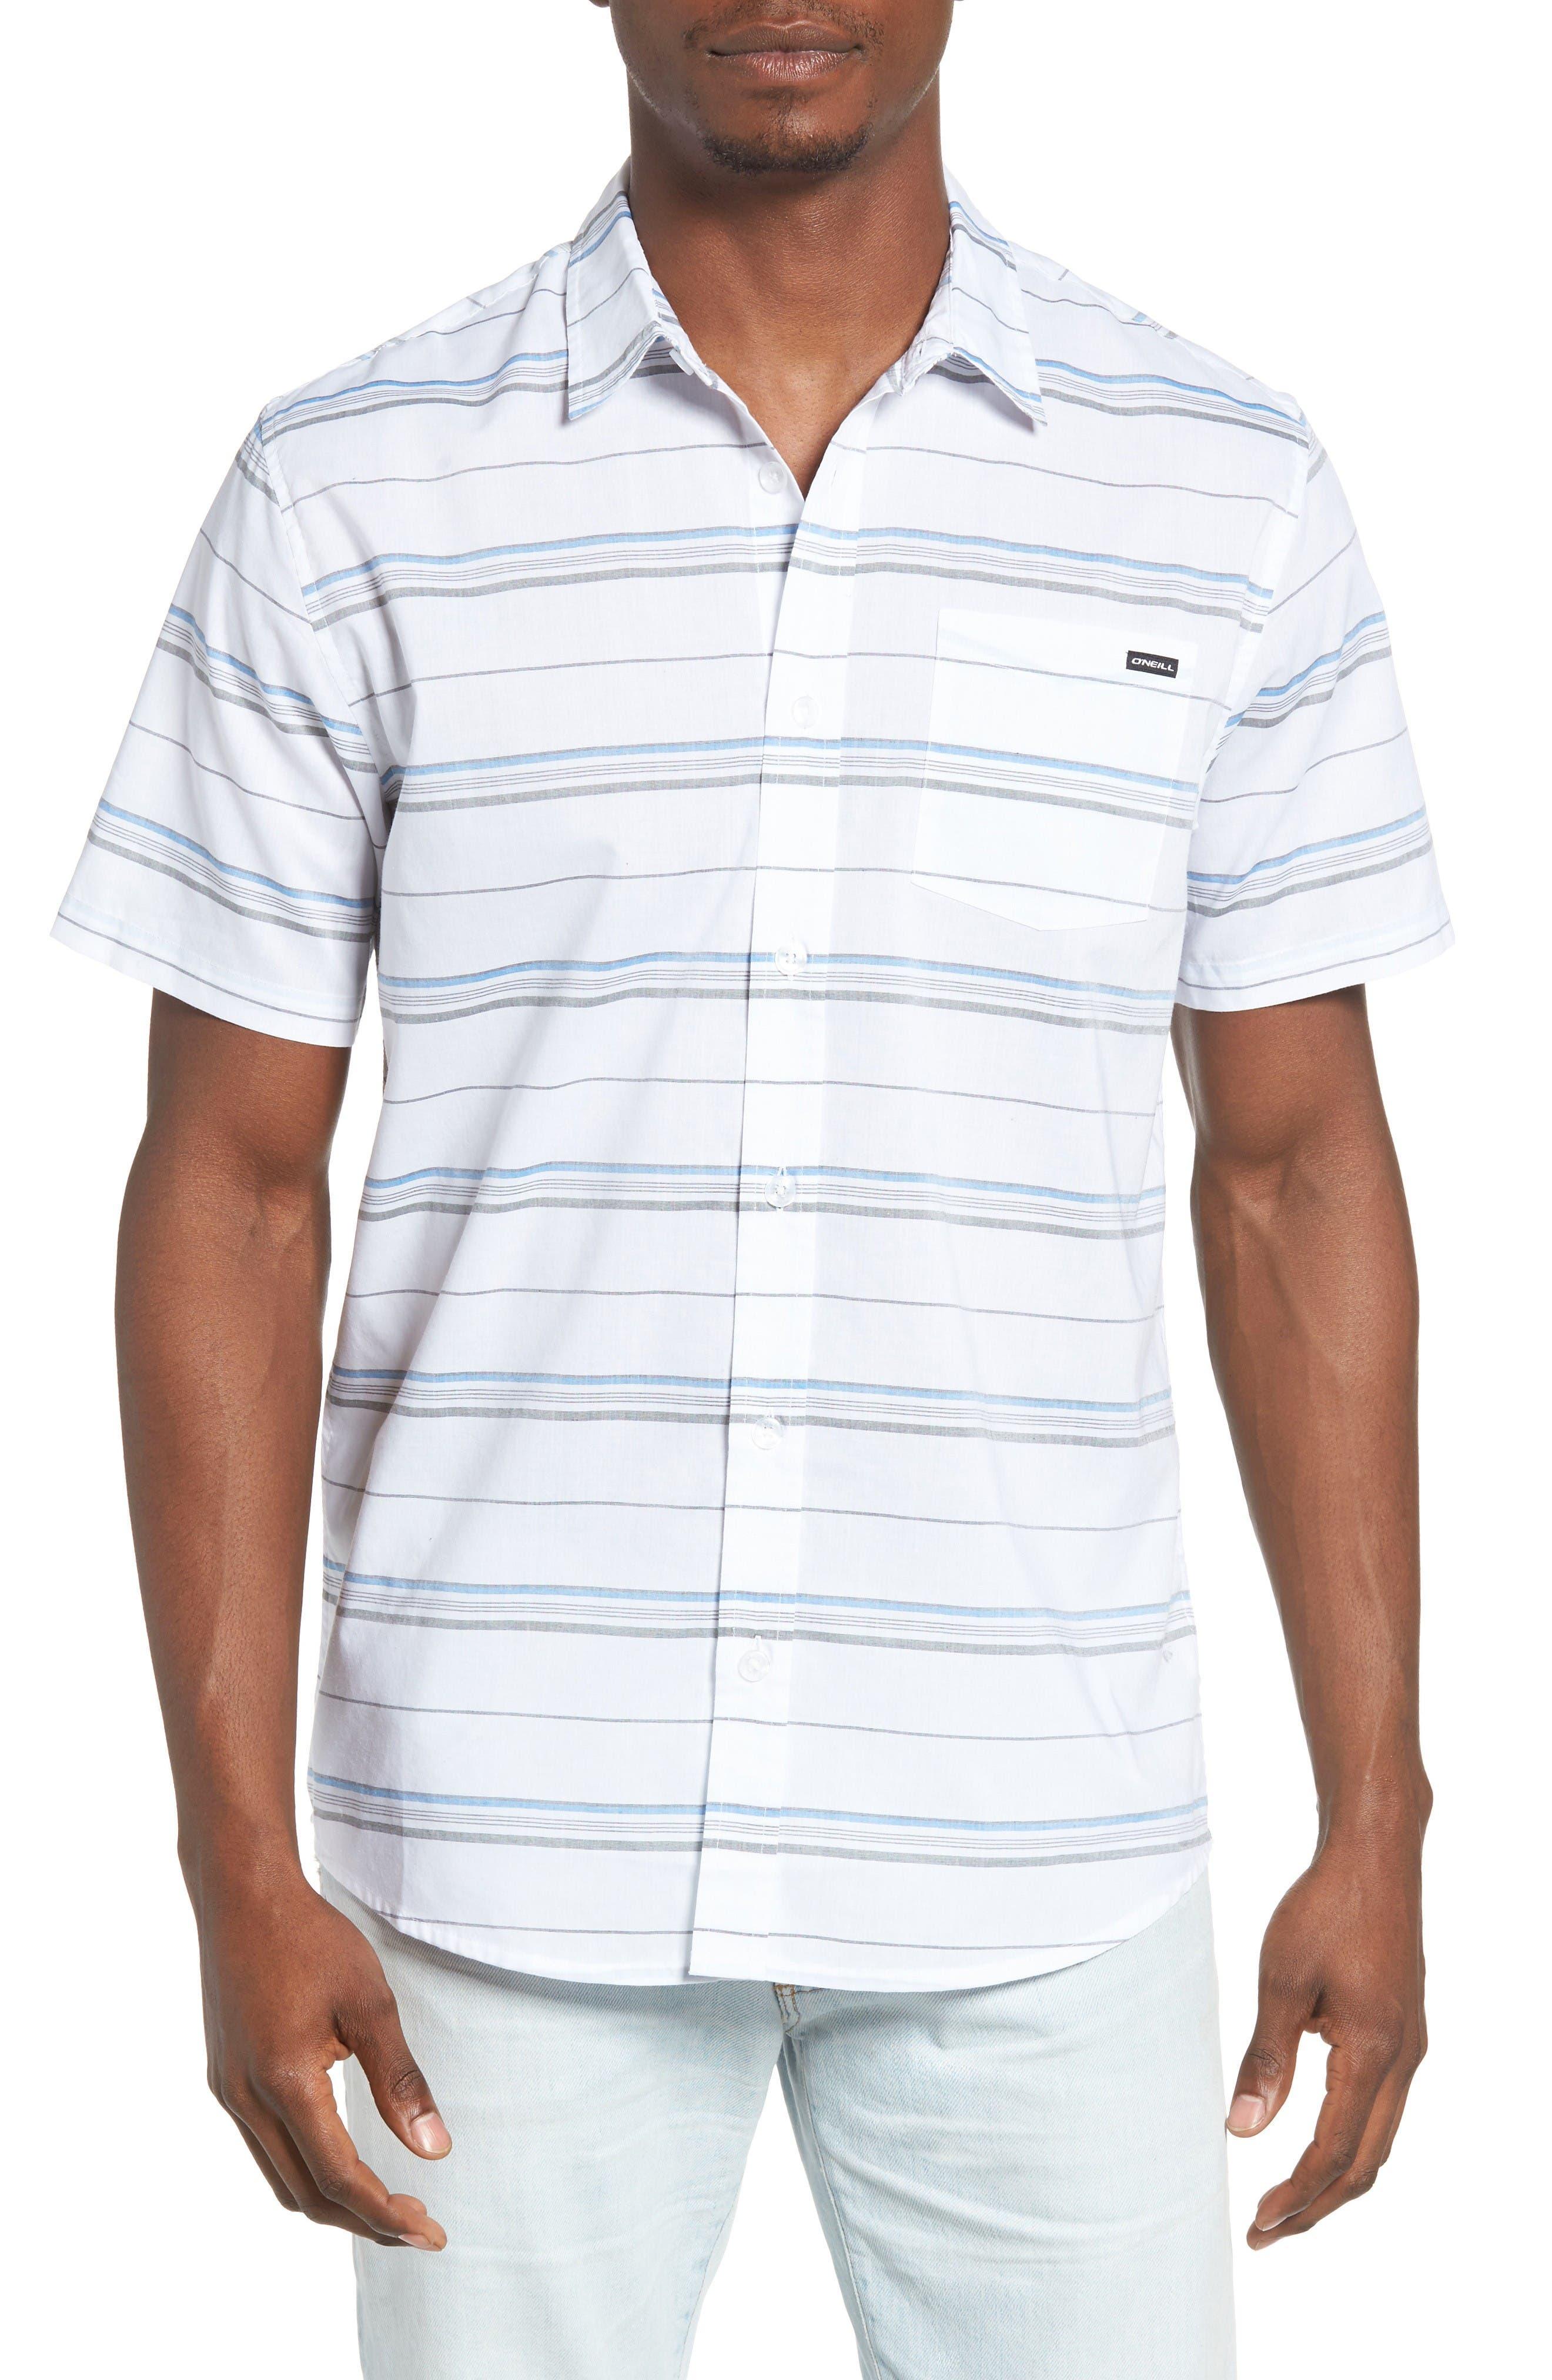 O'Neill Striped Woven Shirt